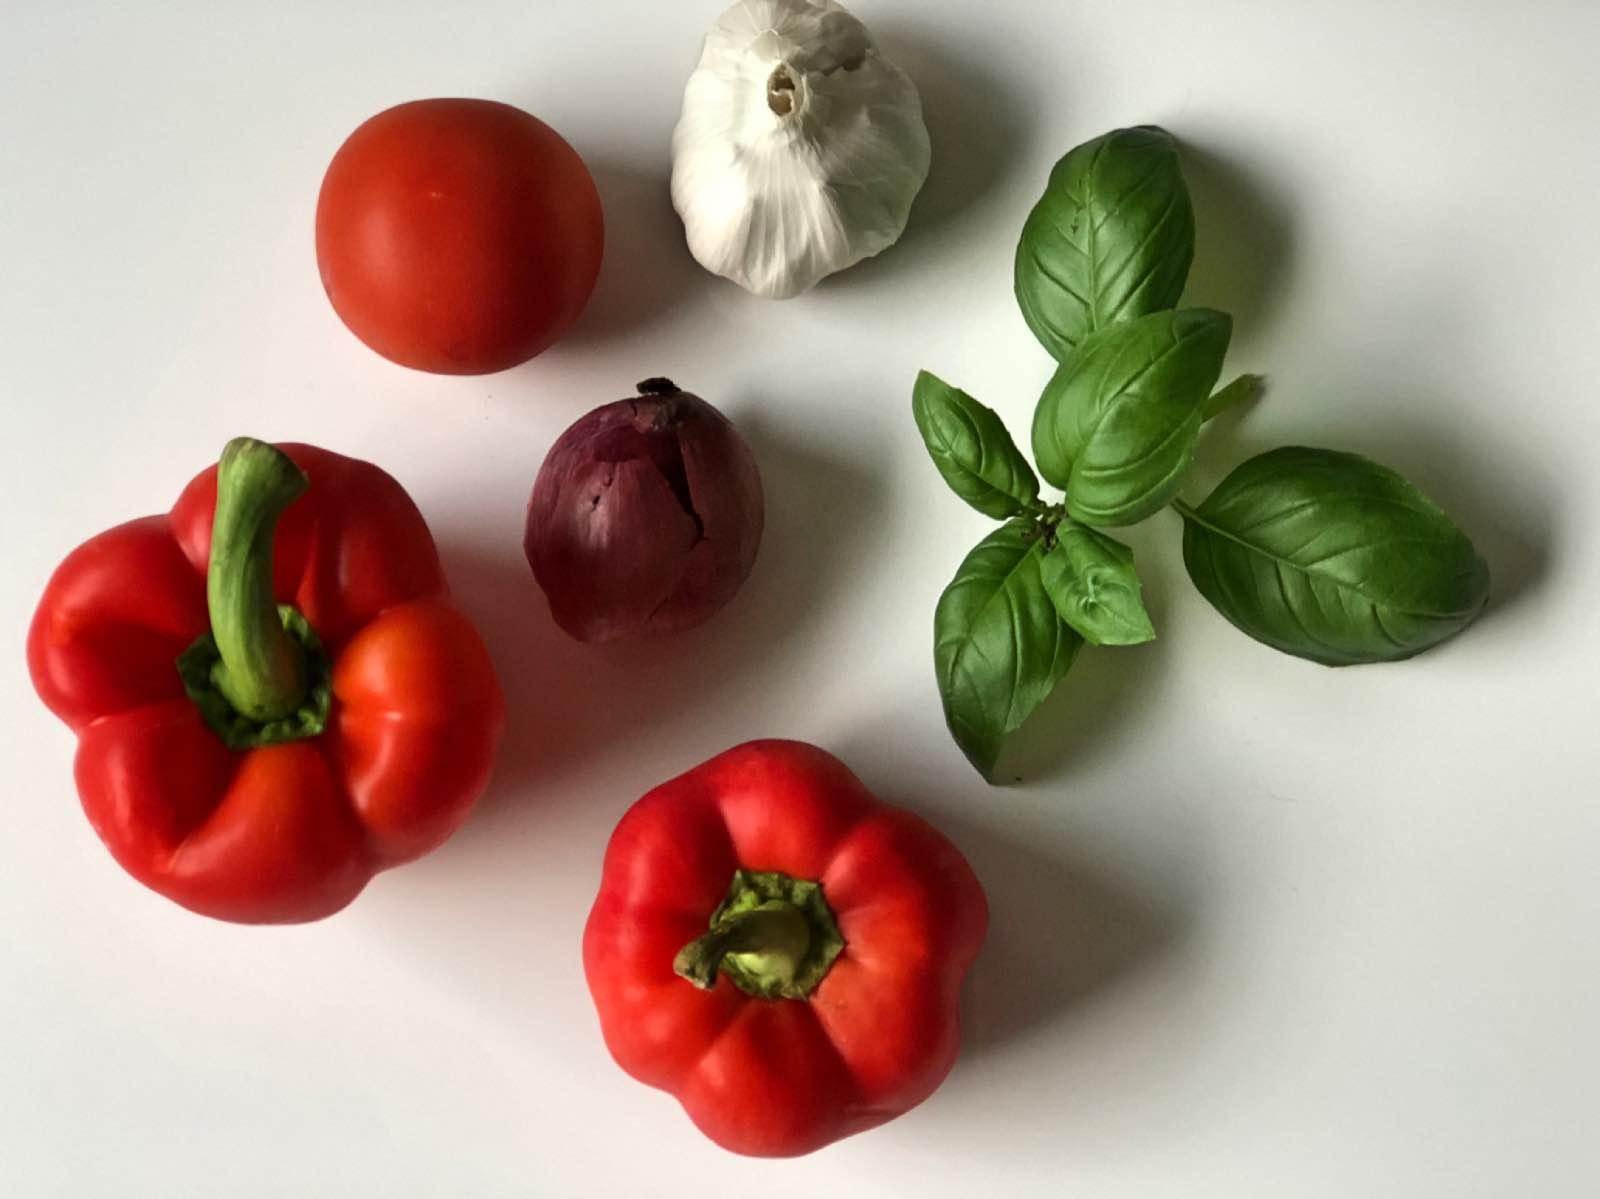 Resepti: täytetyt paprikat